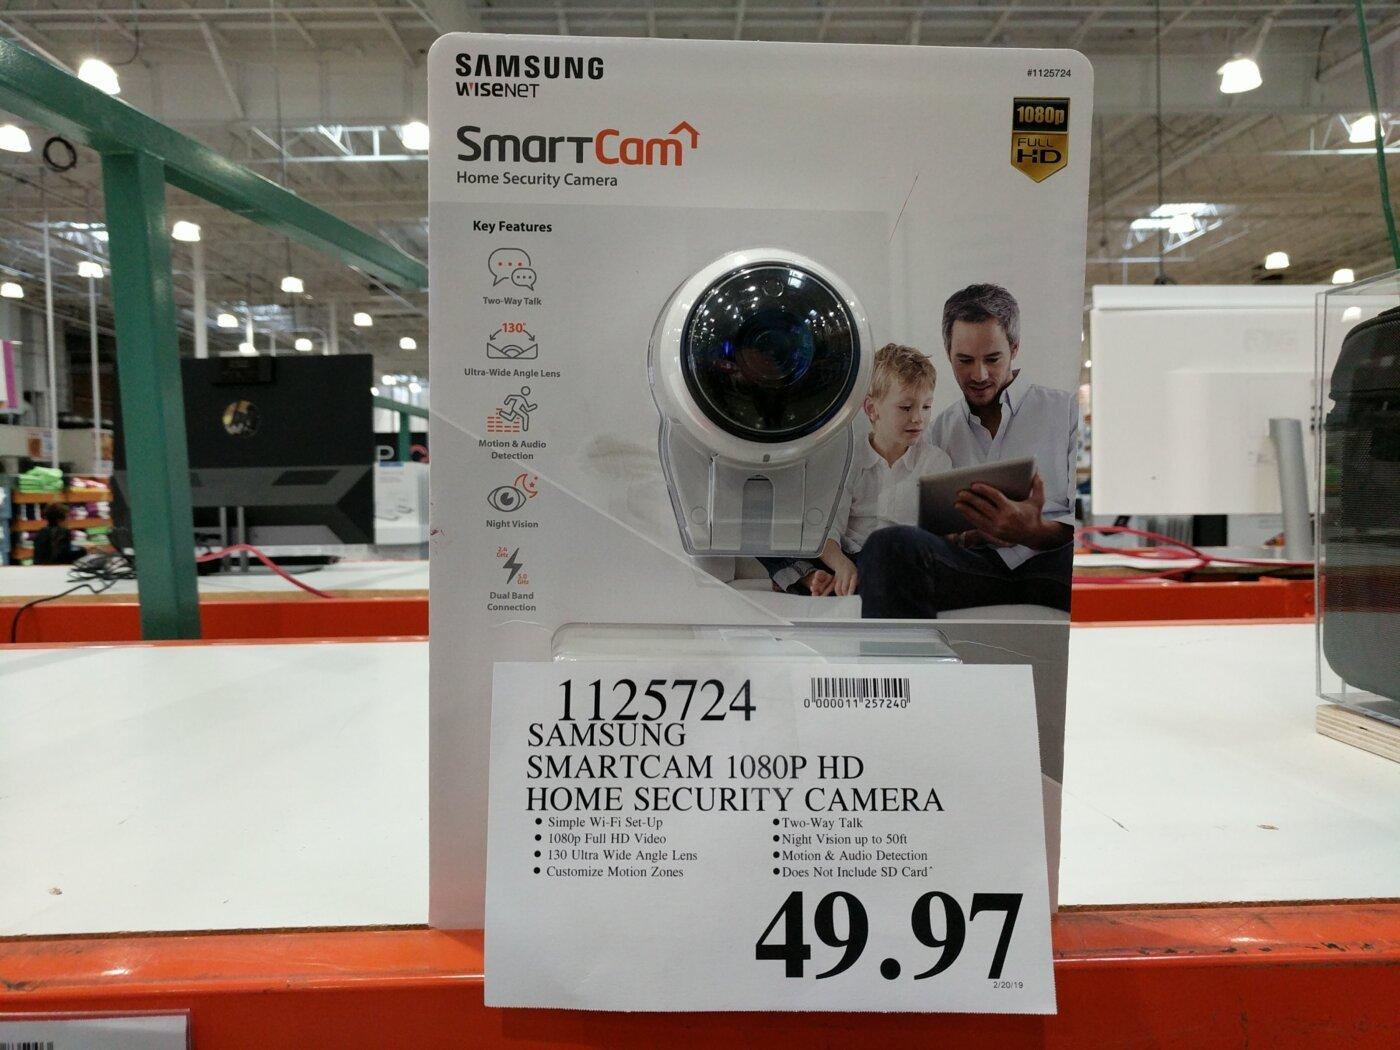 Samsung SmartCam Security Camera